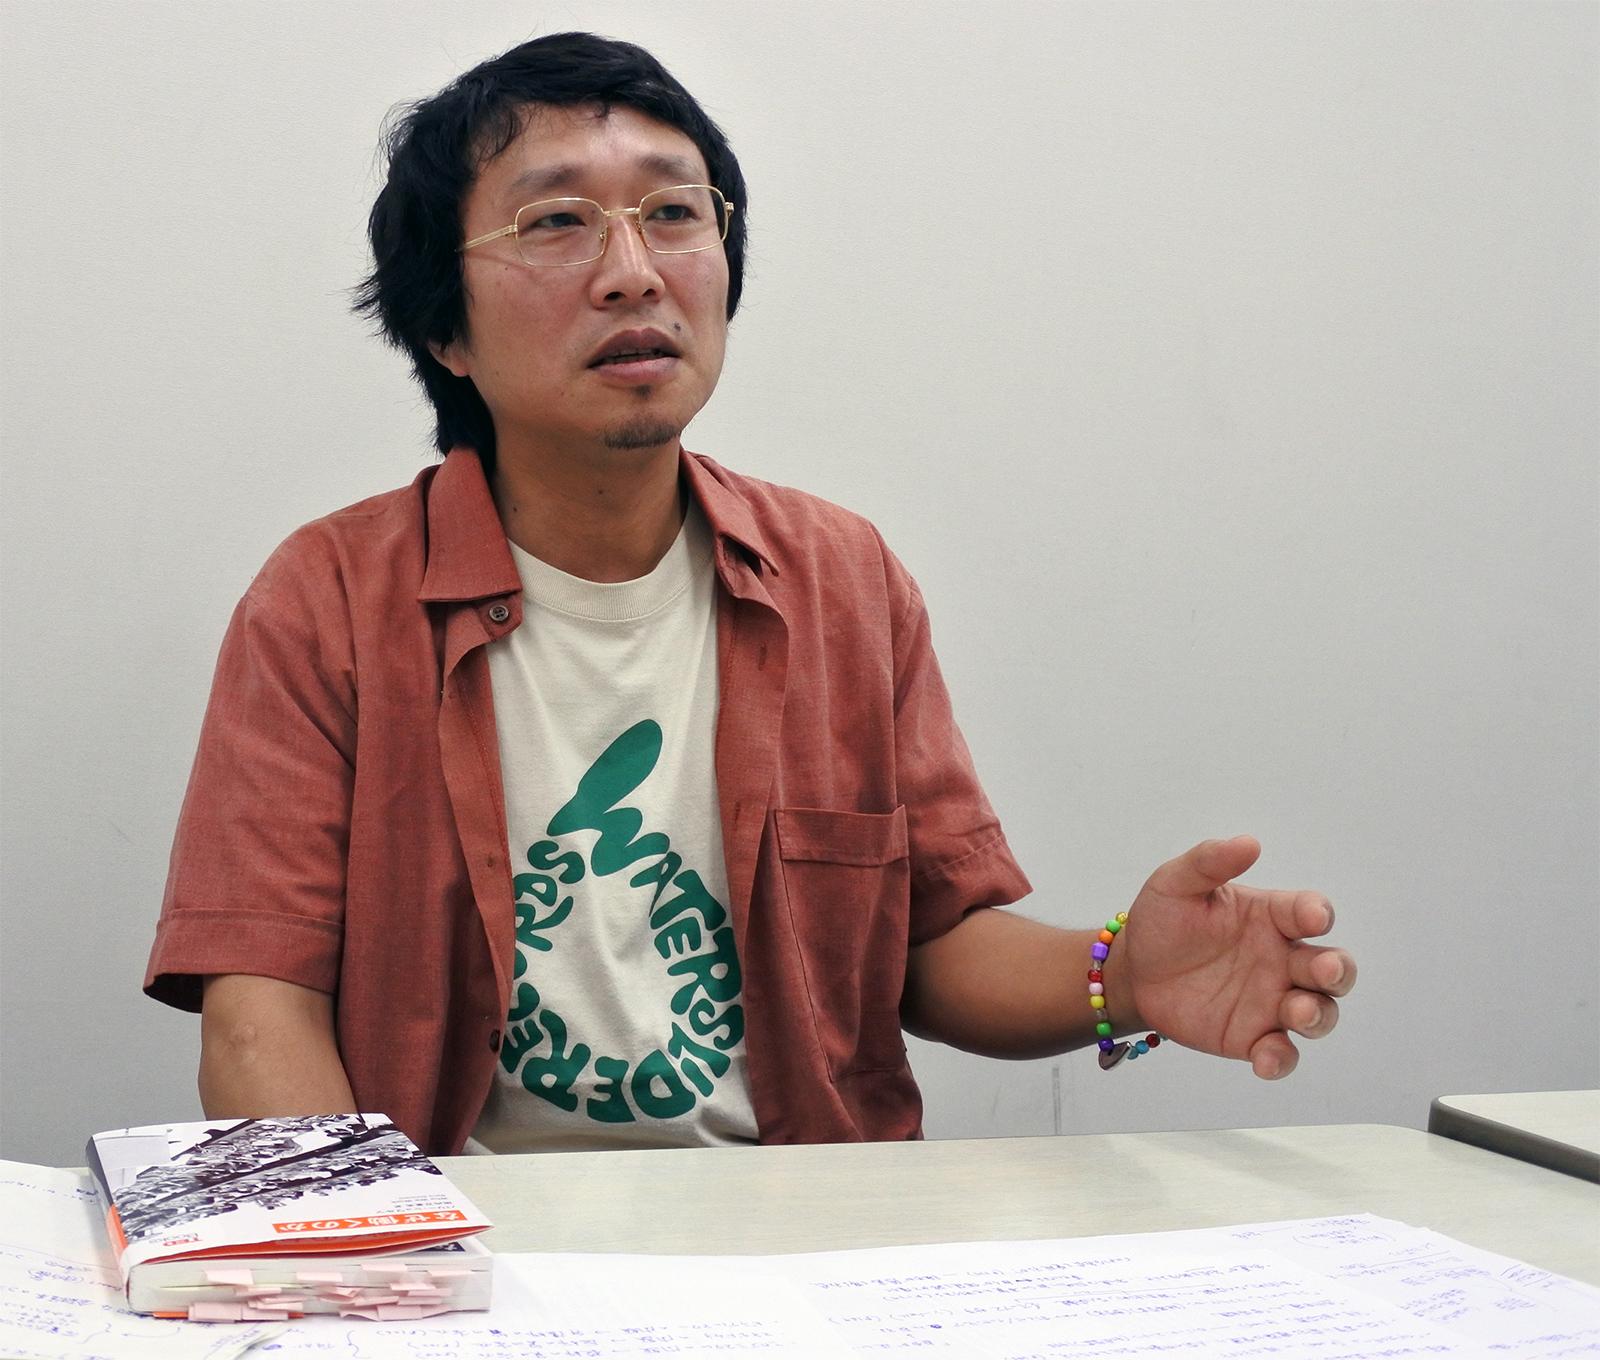 田内万里夫さん